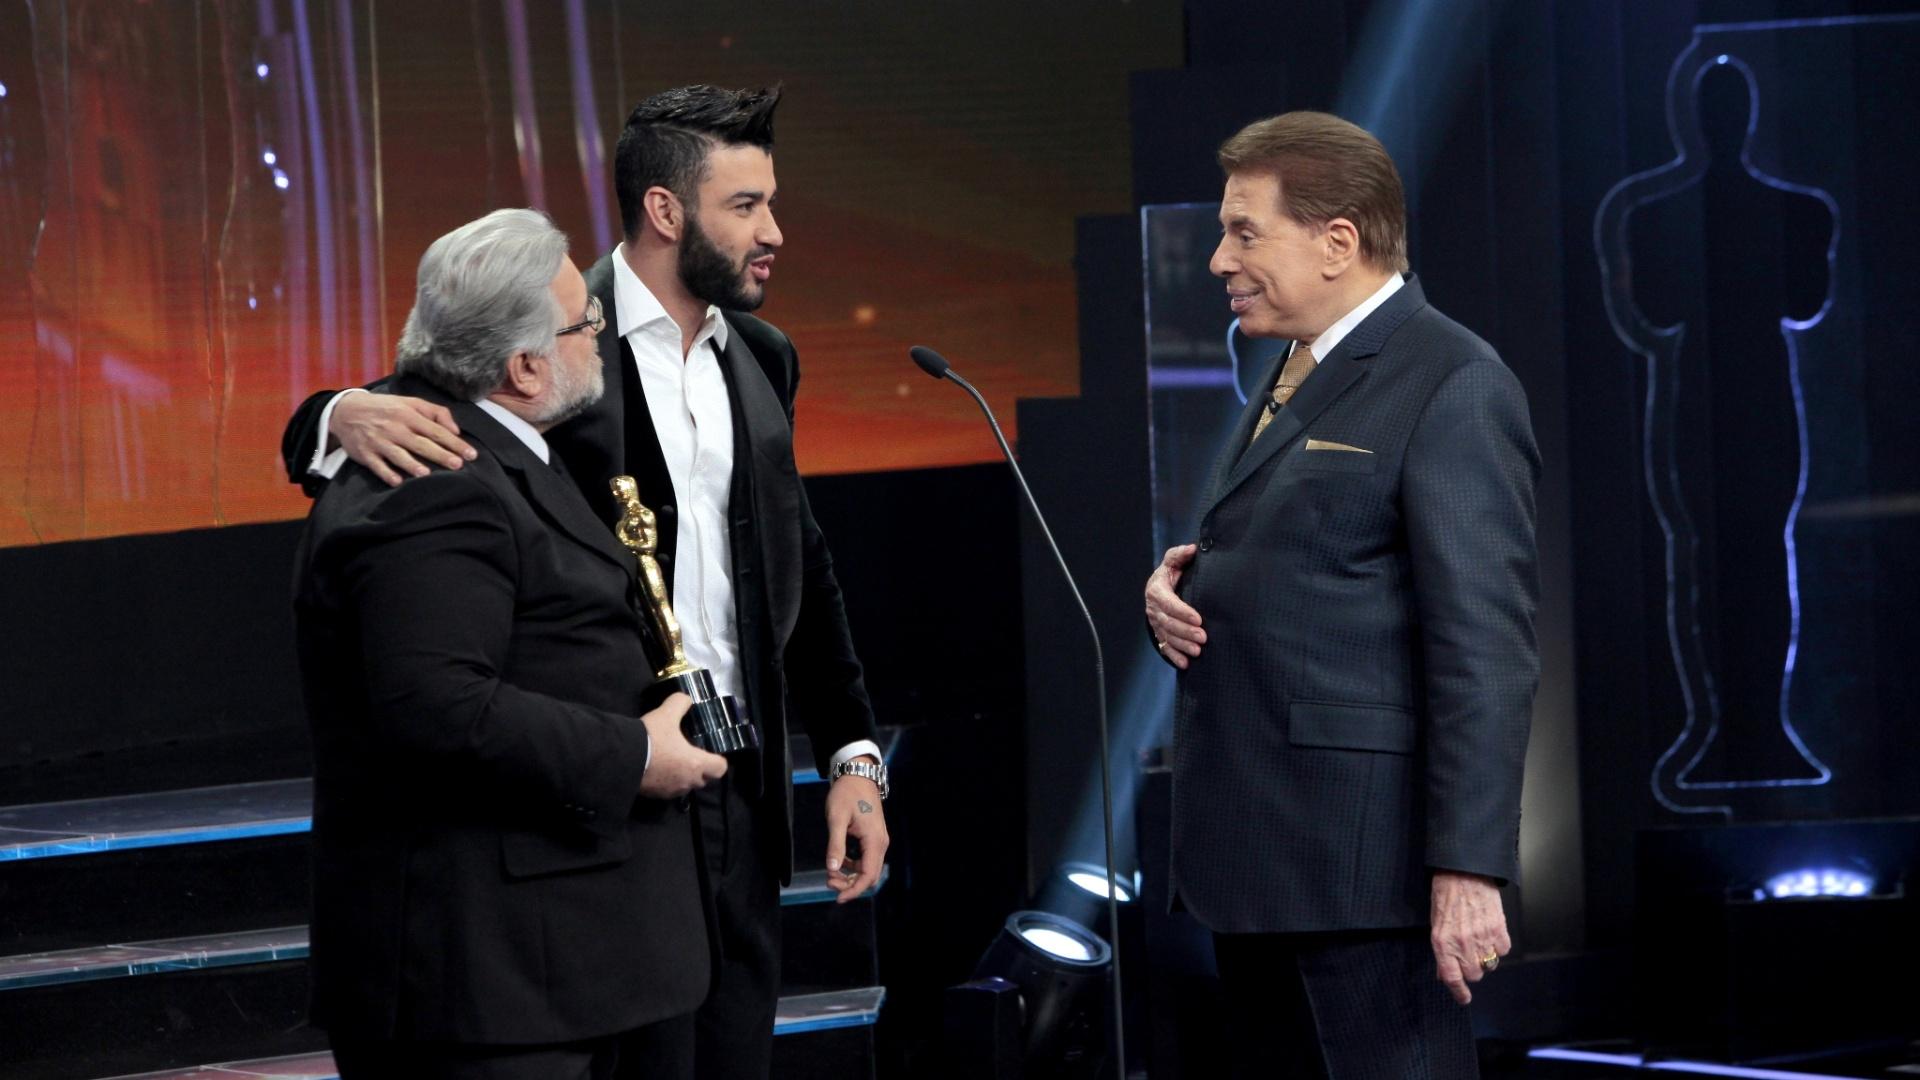 Silvio Santos e o jurado Leão Lobo recebem o cantor Gusttavo Lima no palco do Troféu Imprensa